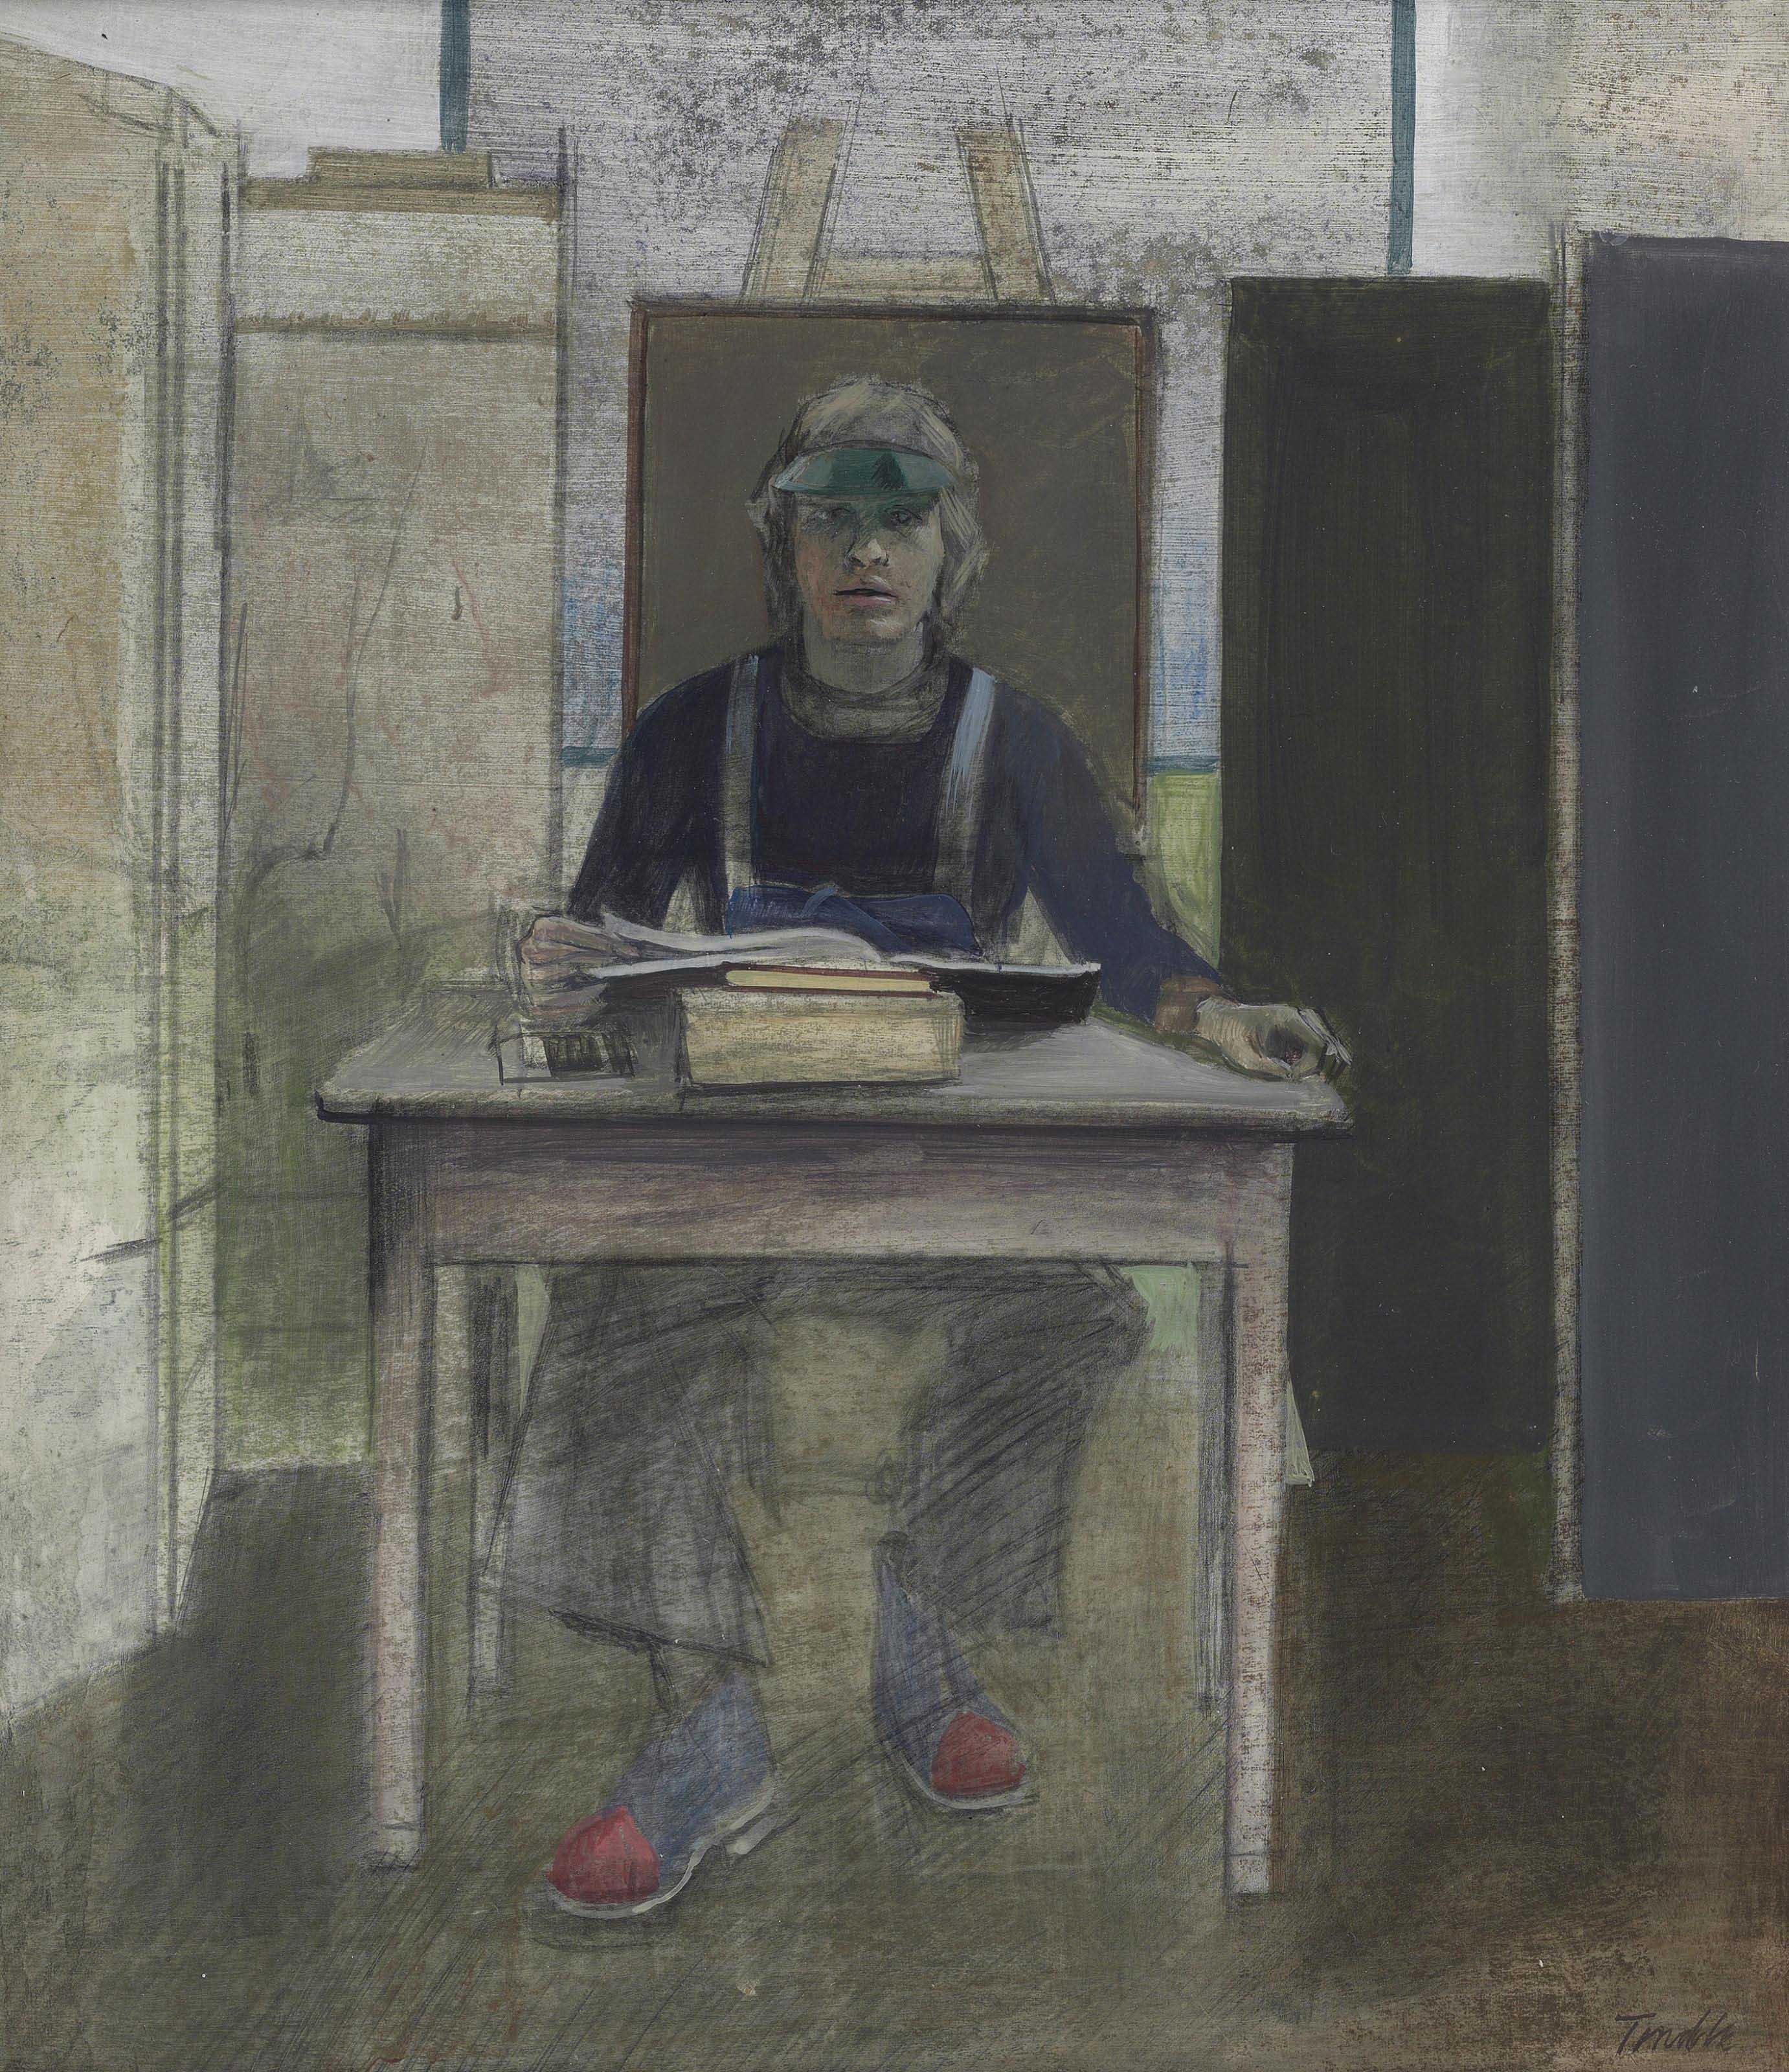 David Tindle, R.A. (b. Huddersfield 1932)